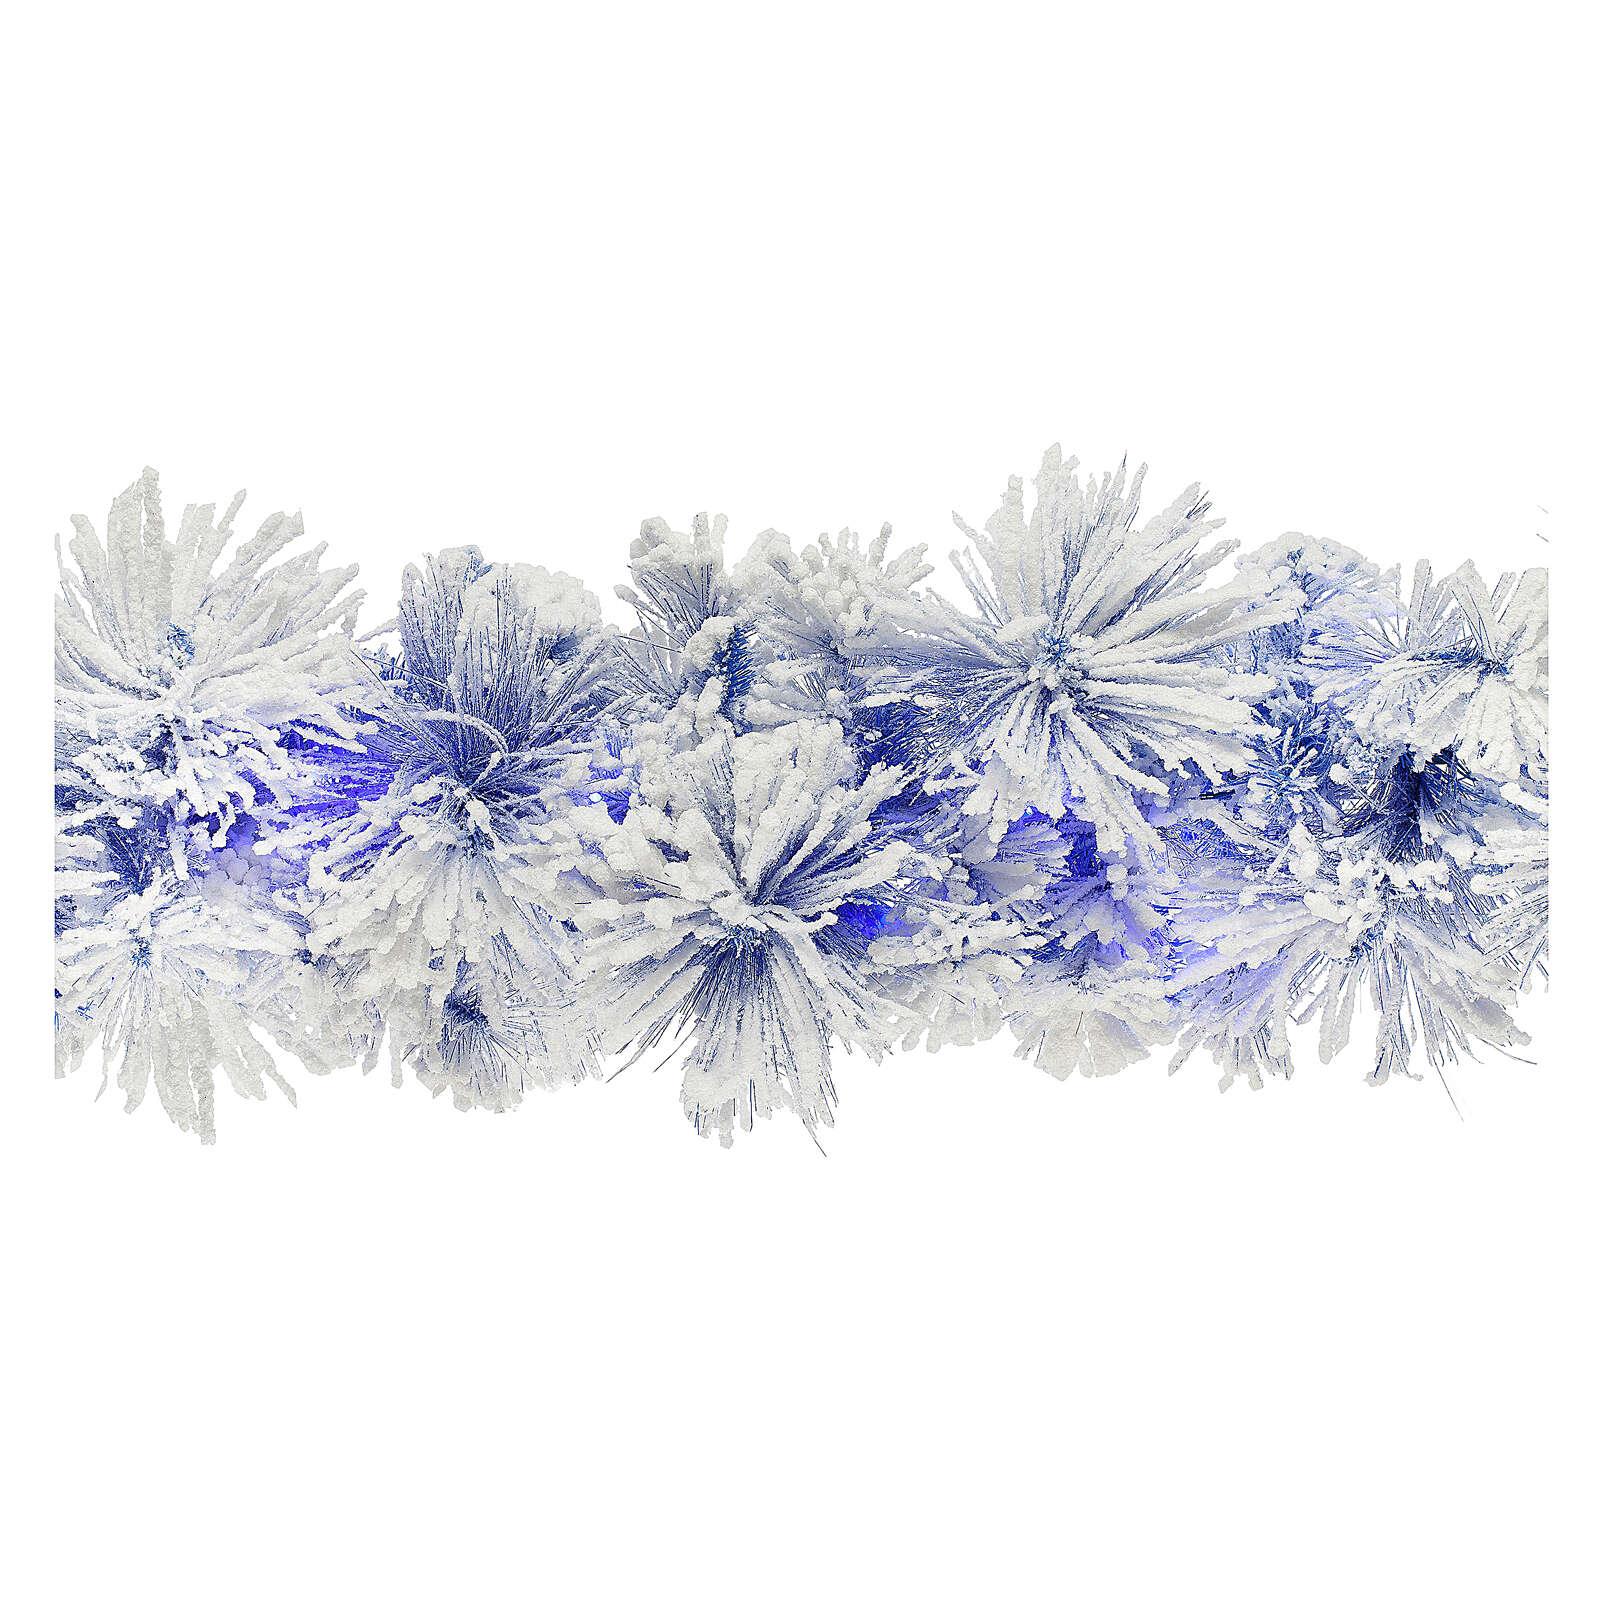 STOCK Girlanda bożonarodzeniowa sosna niebieska ośnieżona 270 cm z 50 niebieskimi światełkami led 3